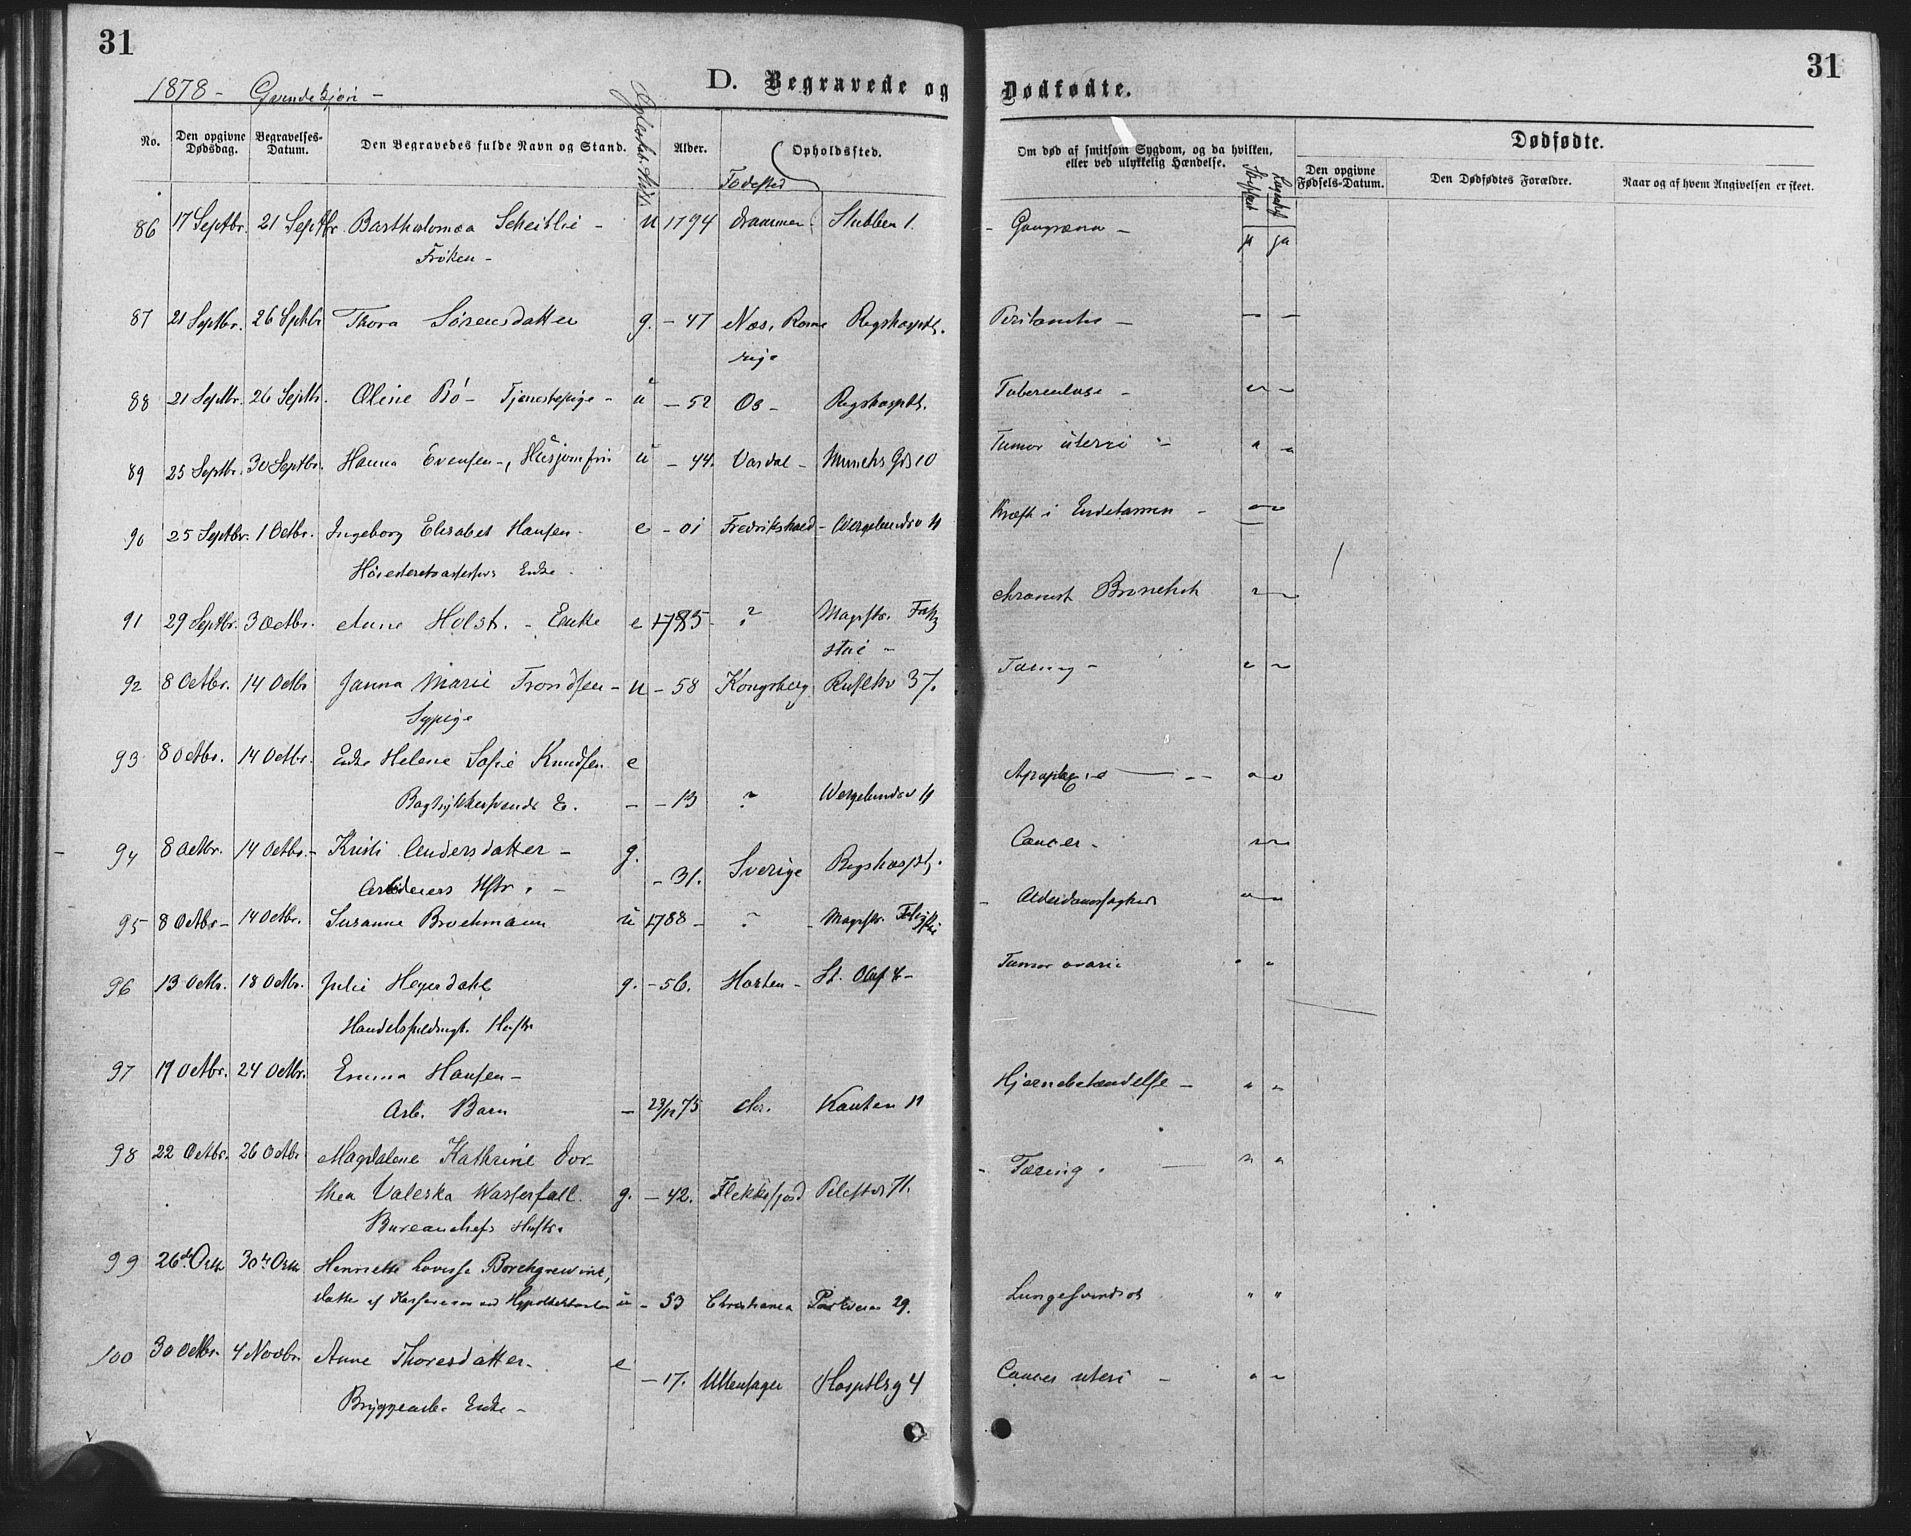 SAO, Trefoldighet prestekontor Kirkebøker, F/Fd/L0002: Ministerialbok nr. IV 2, 1877-1885, s. 31